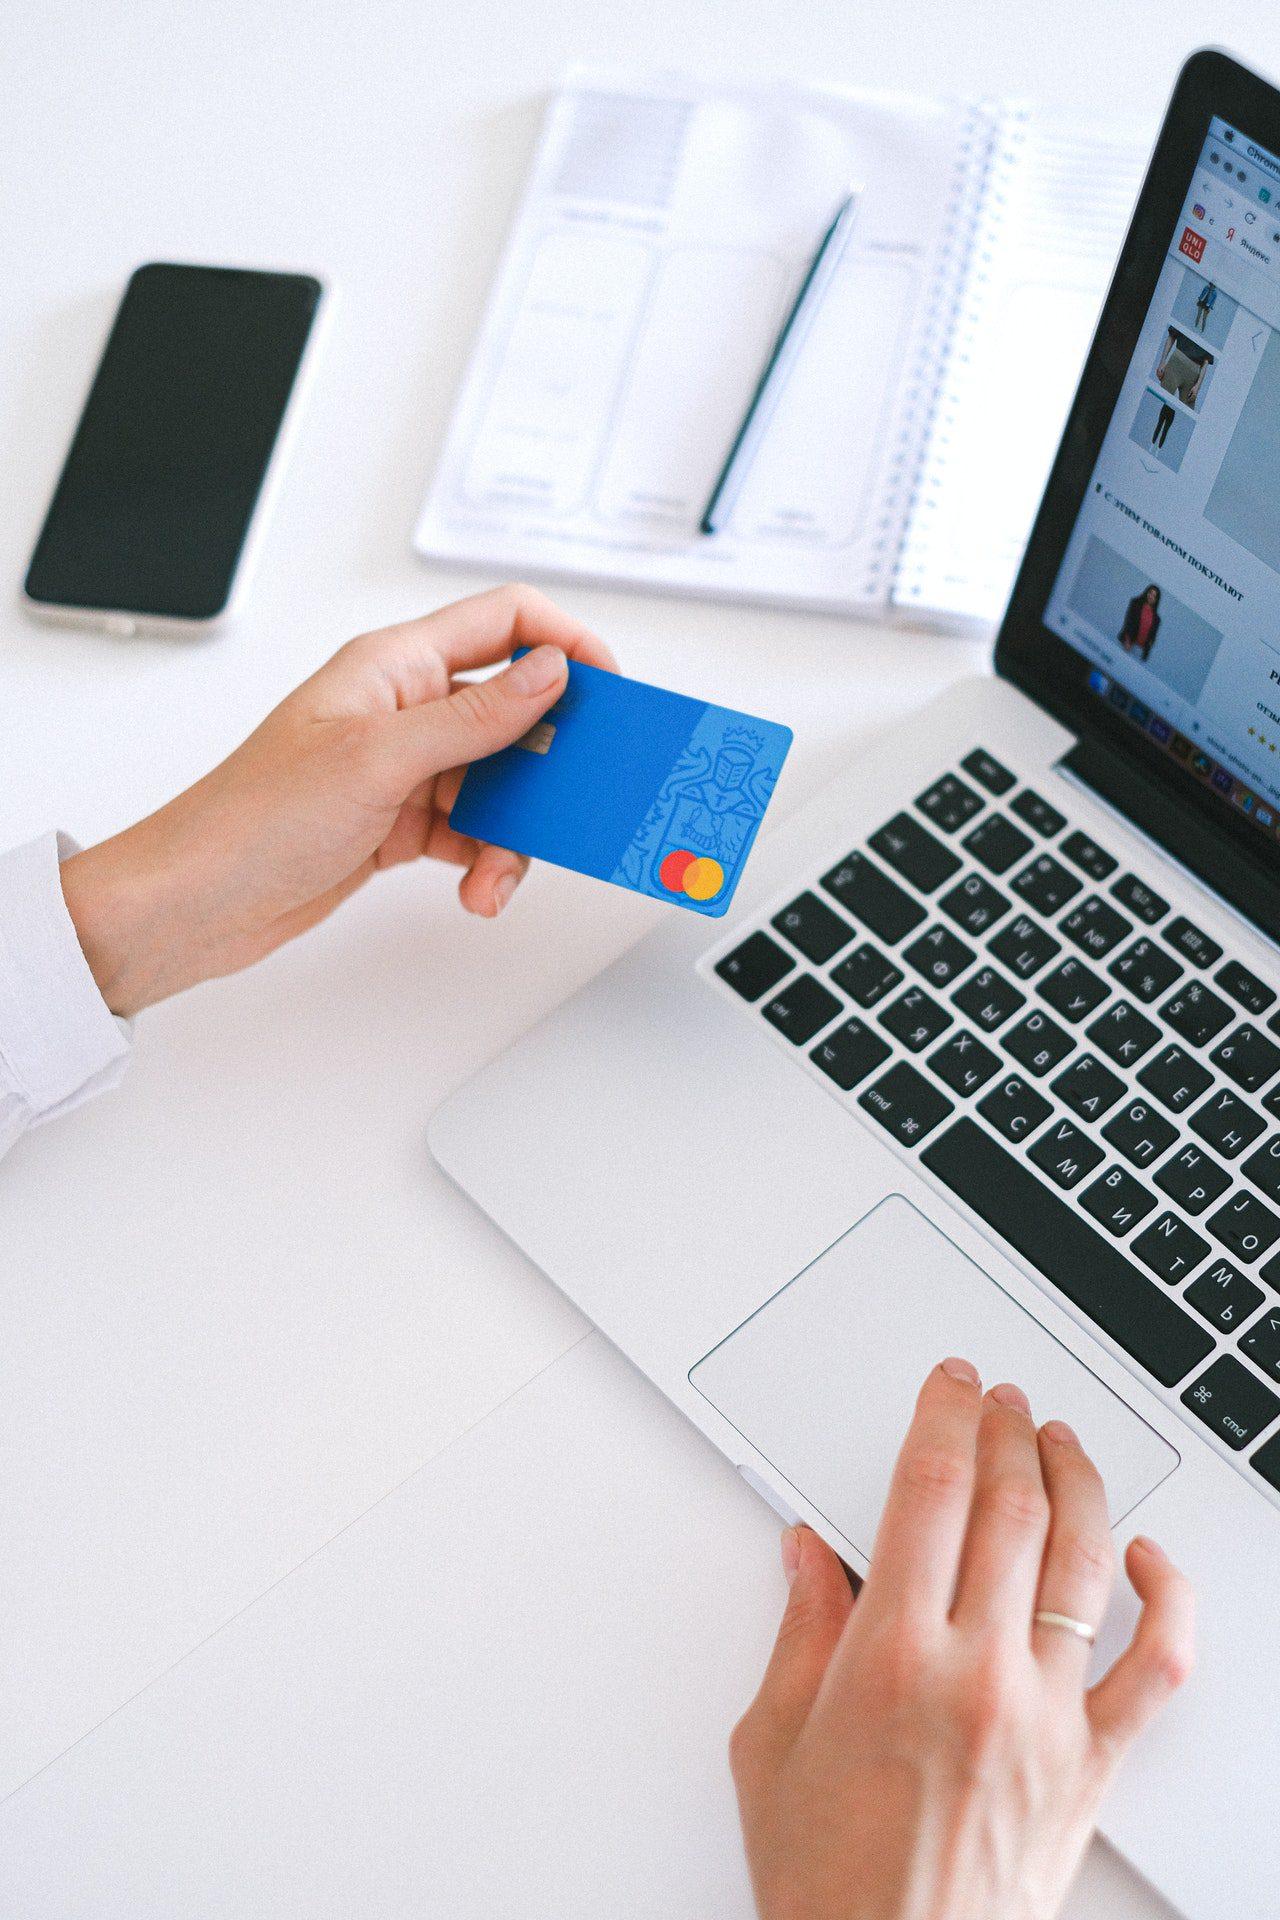 PIX: tudo sobre o novo sistema de pagamento e transferências digitais